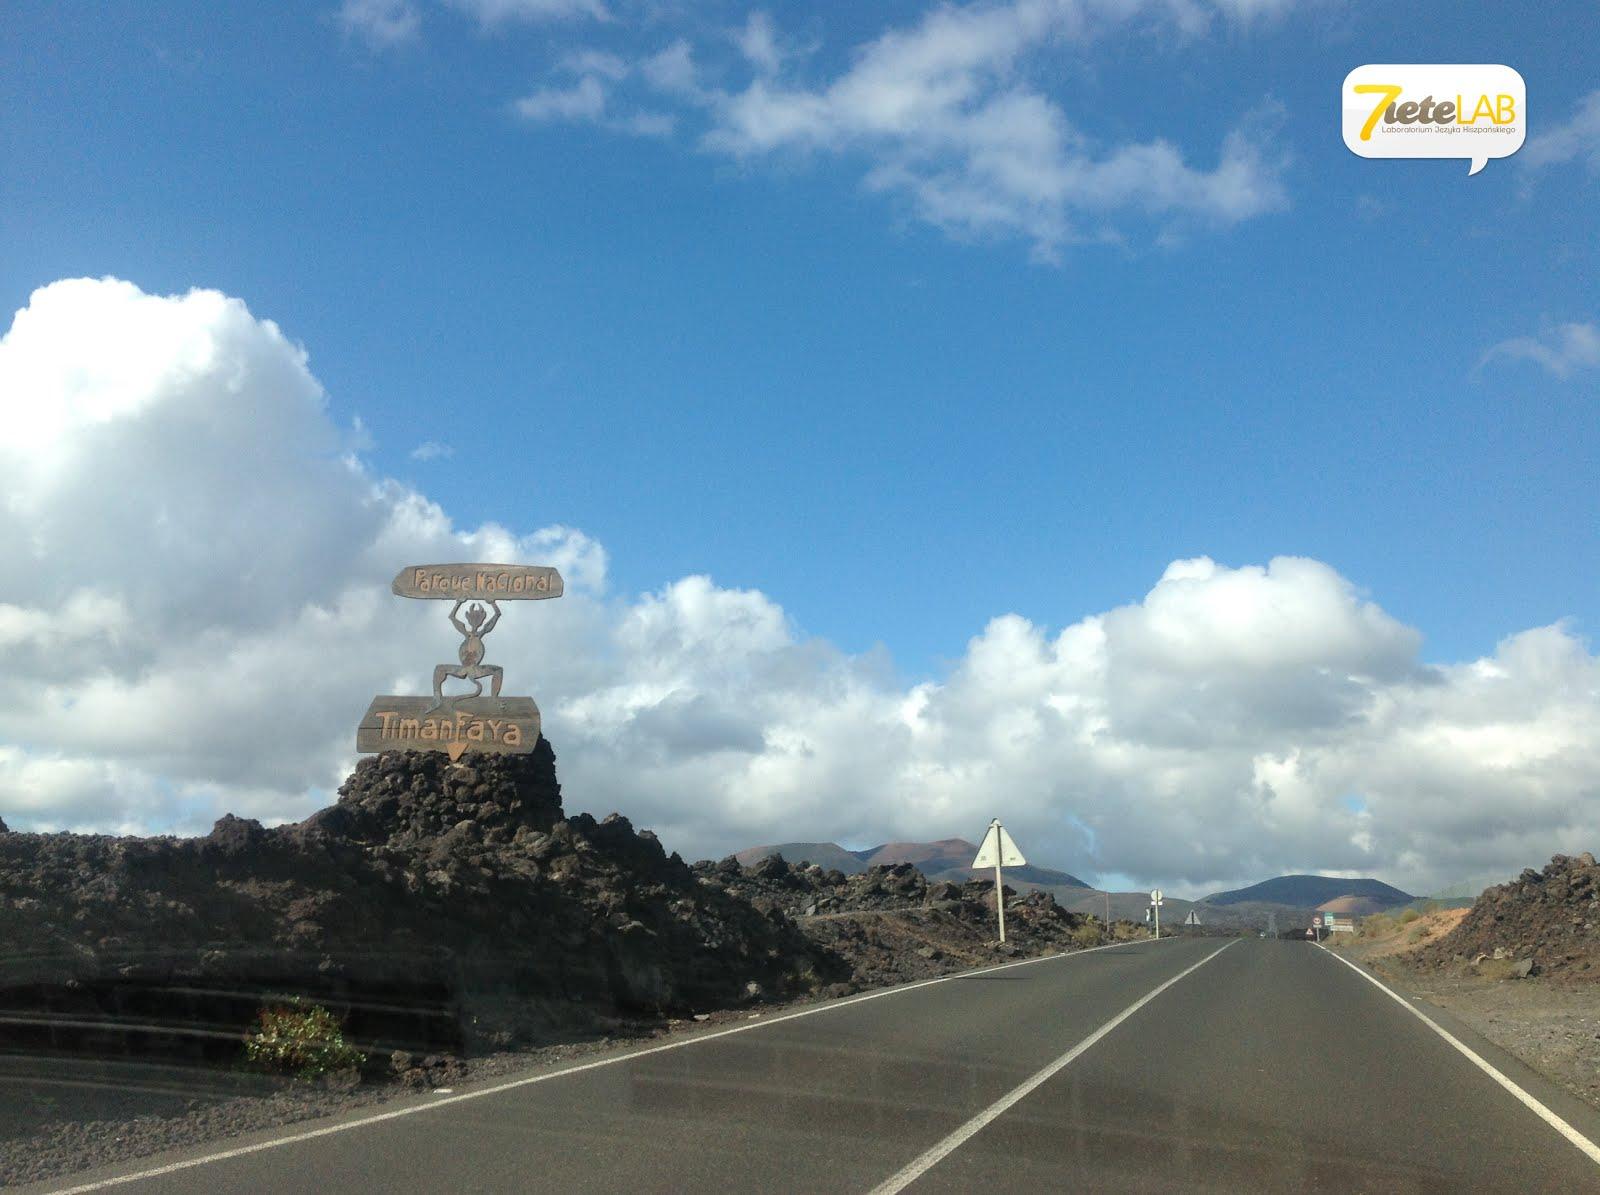 7ieteLAB español - Parque natural del Timanfaya